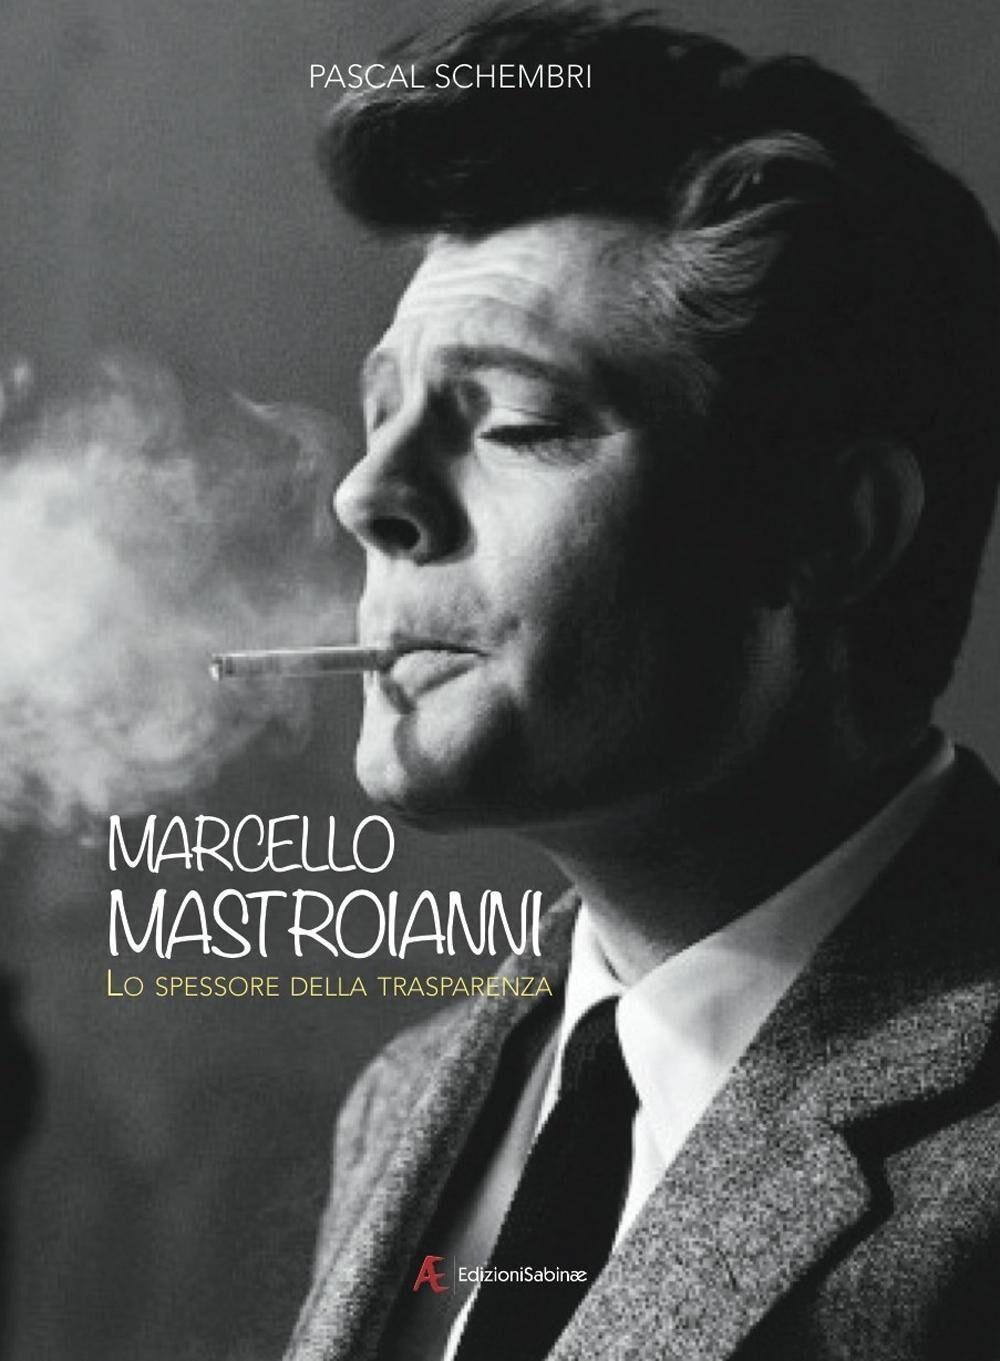 Marcello Mastroianni. Lo spessore della trasparenza